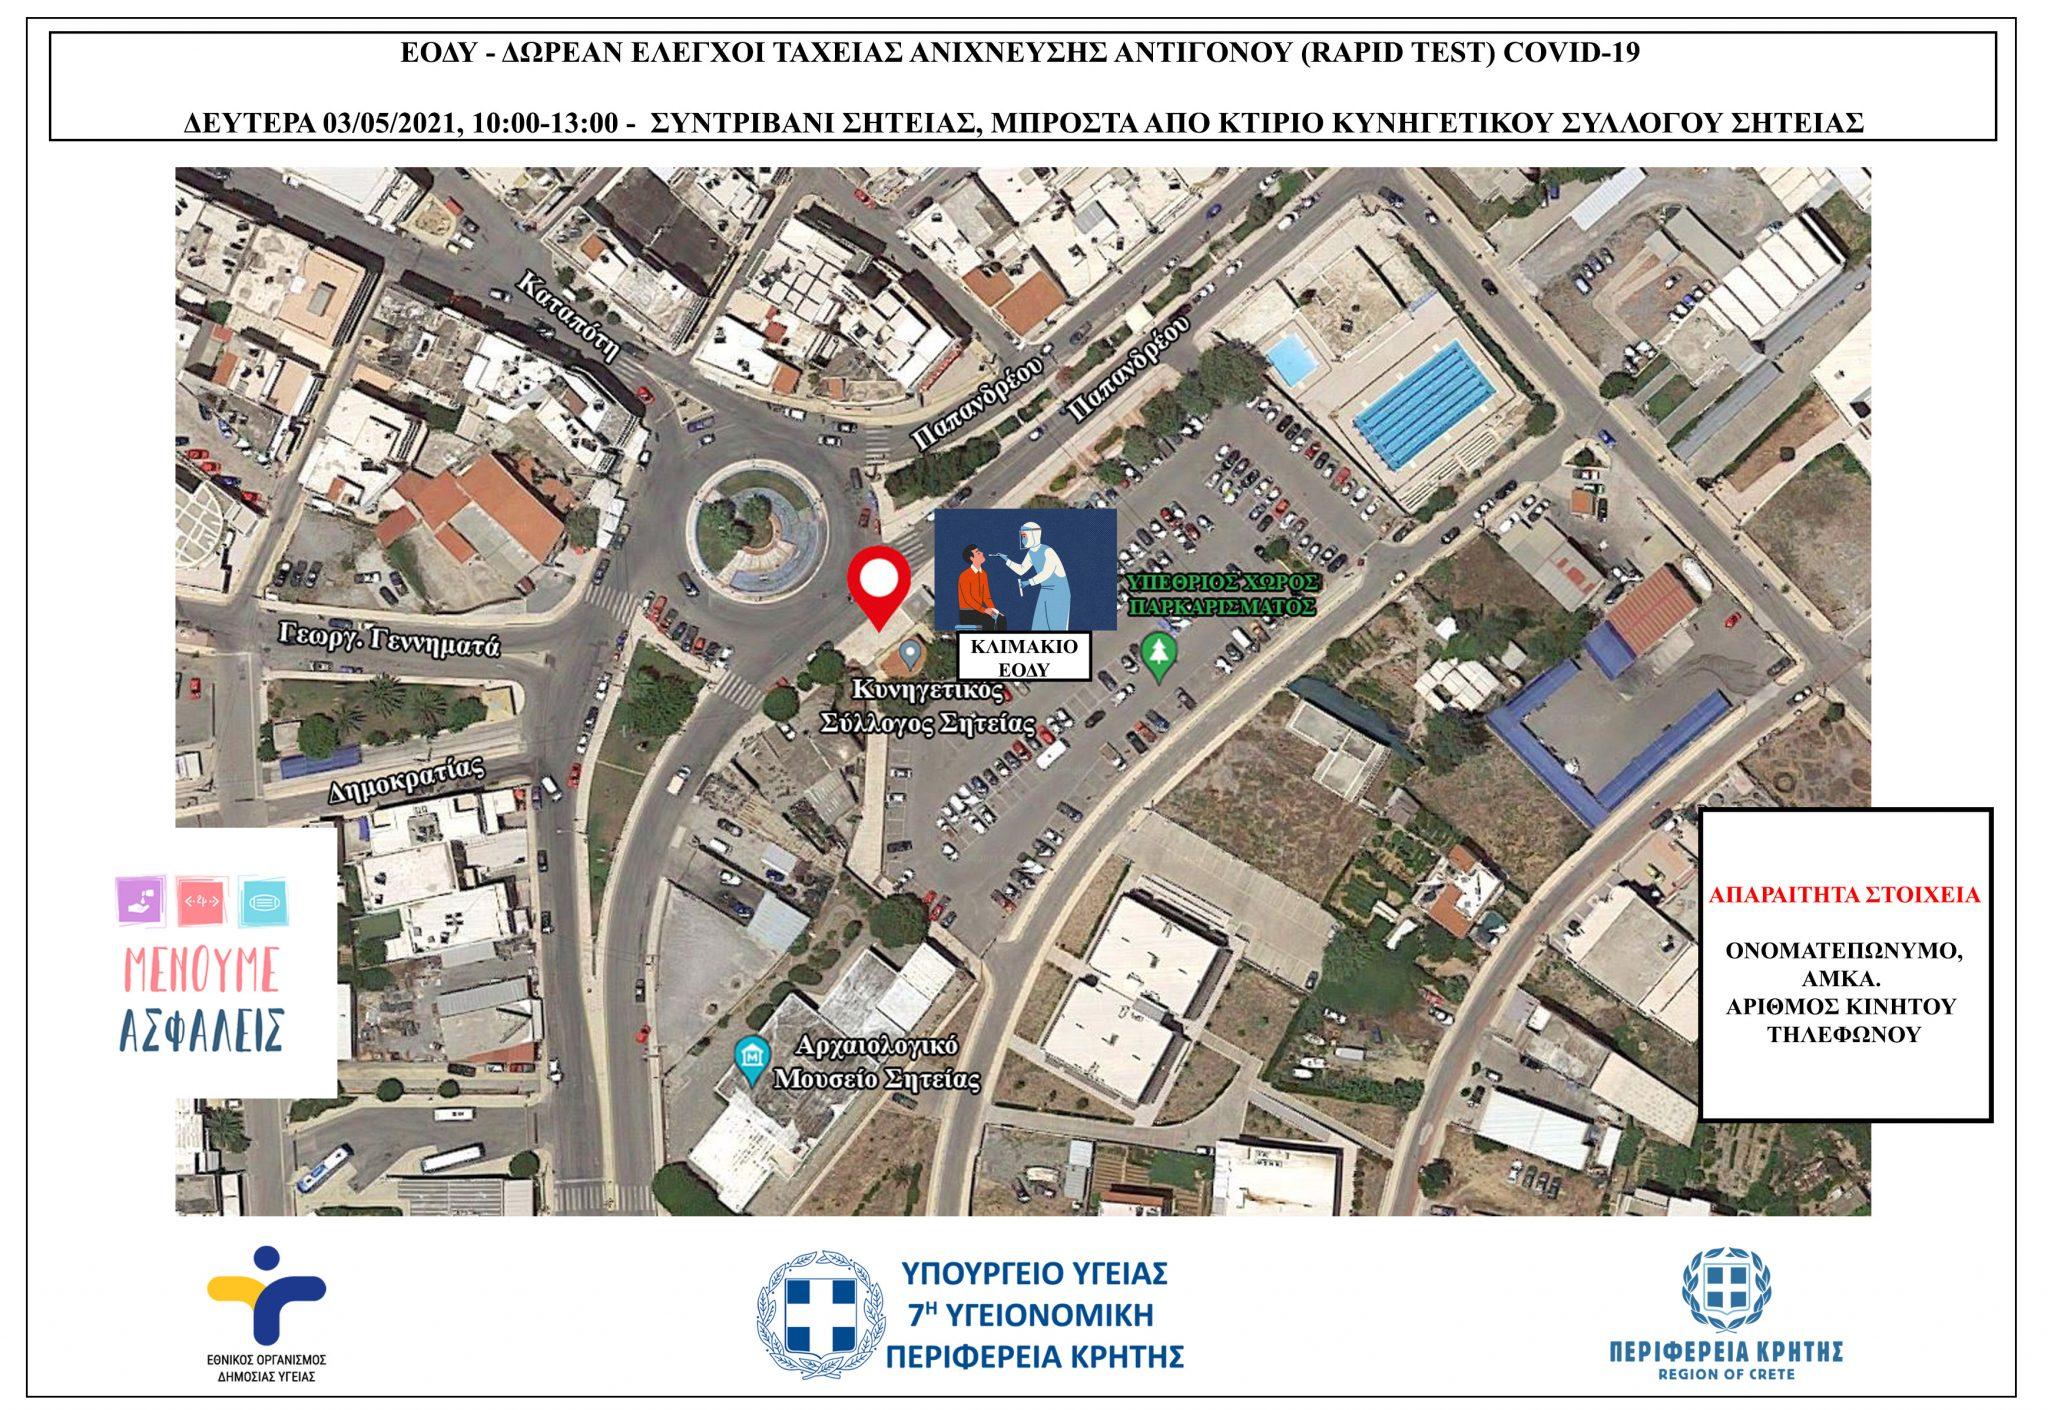 map shteia 03 05 21